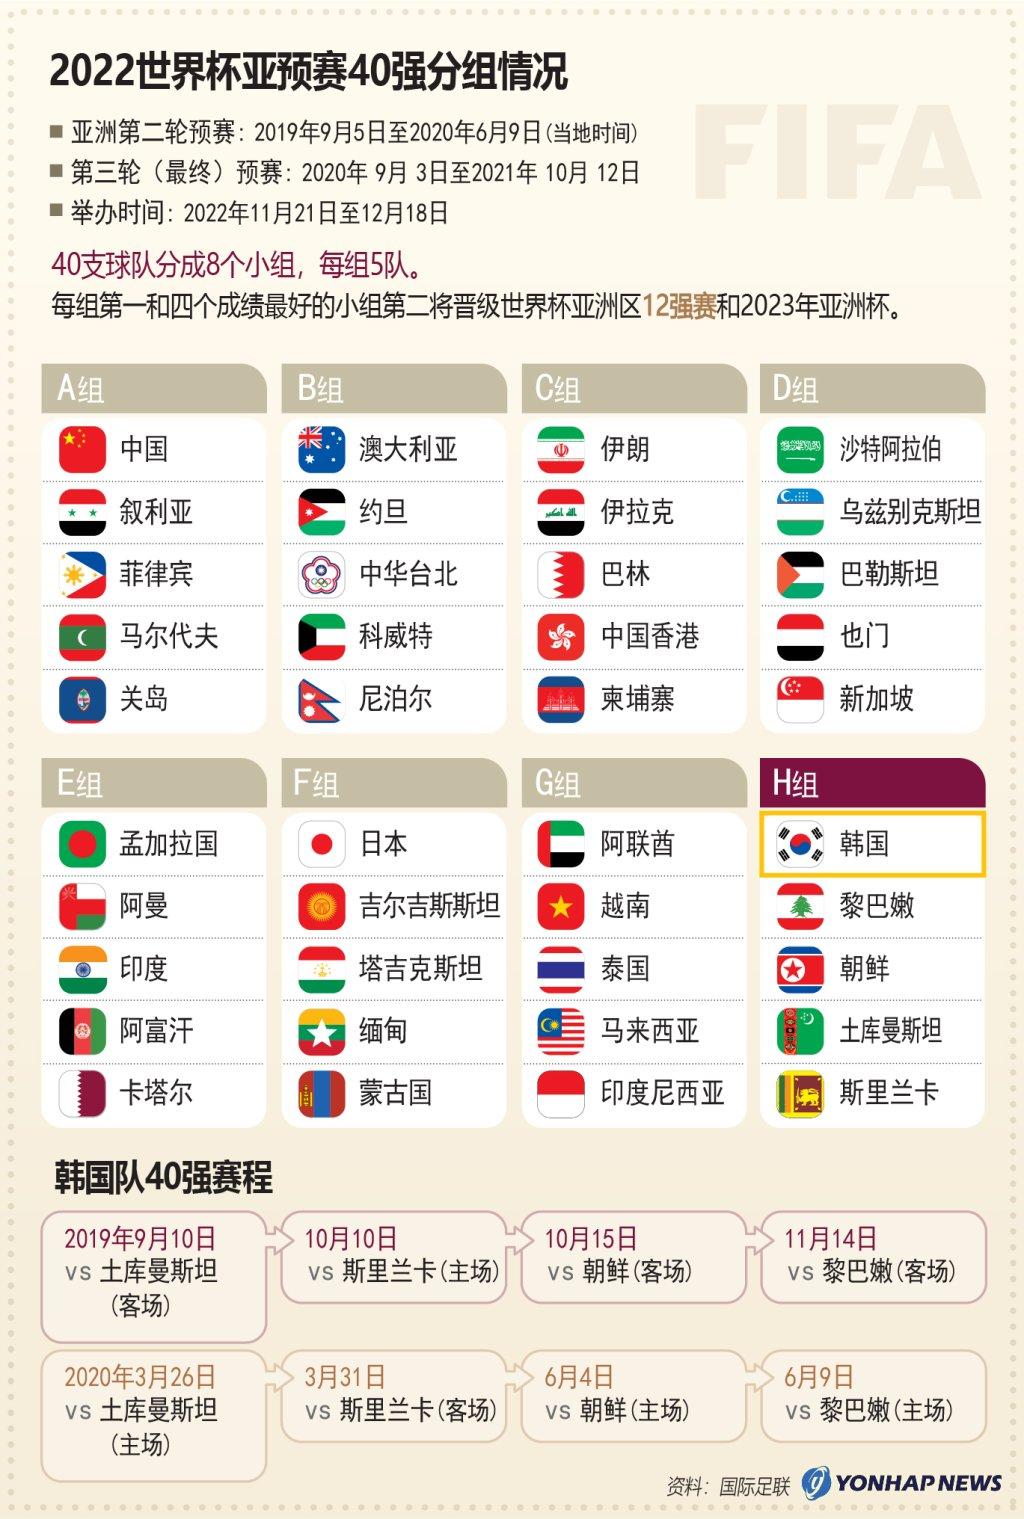 2022世界杯亚预赛40强分组情况